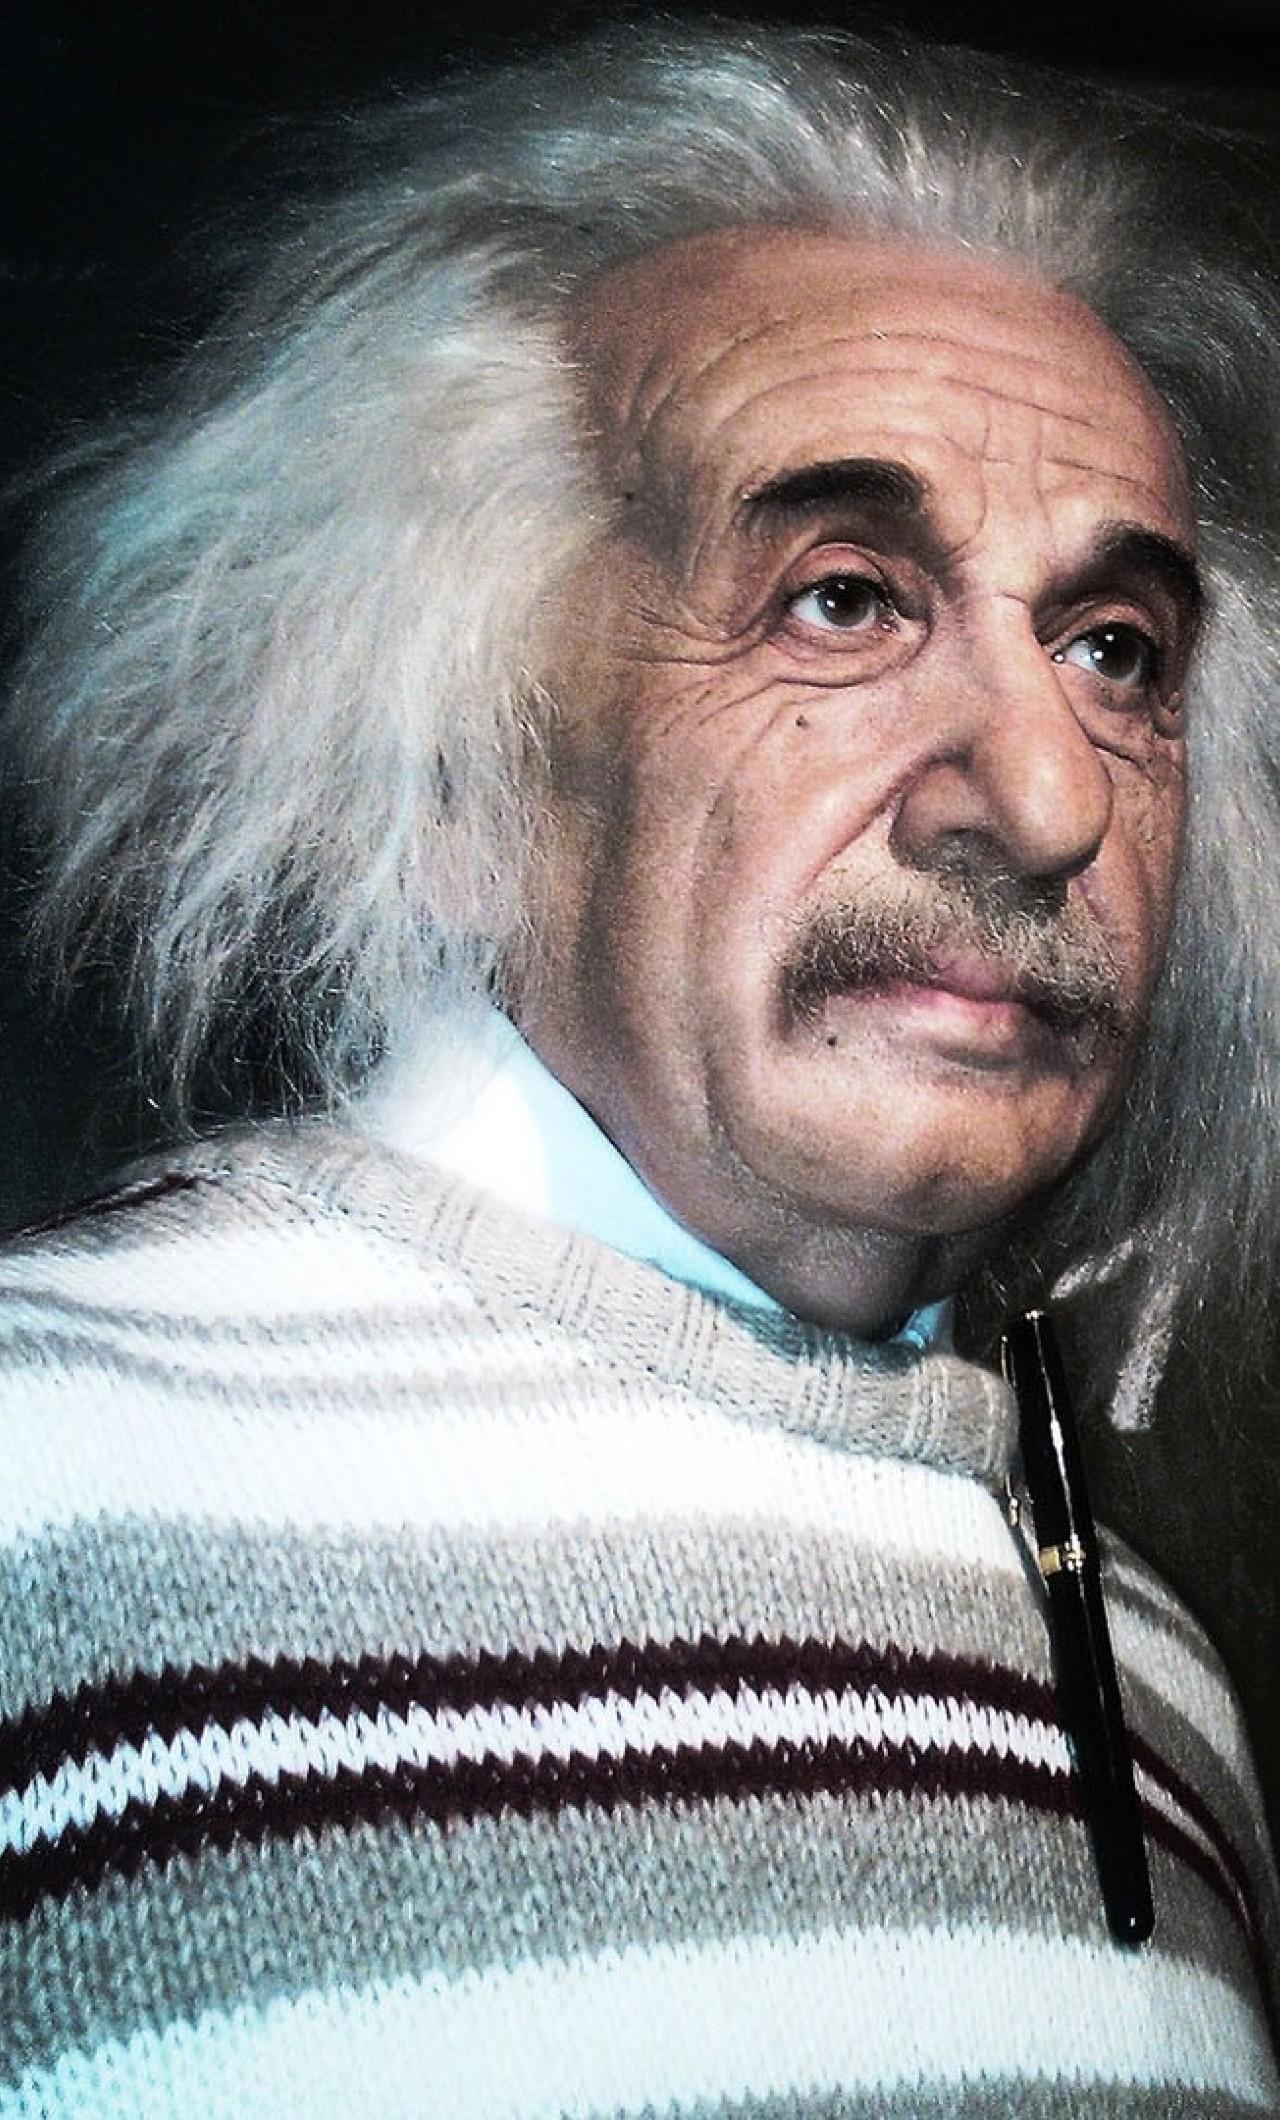 Iphone Wallpapers Nikola Tesla Quotes Albert Einstein Wallpaper 74 Images